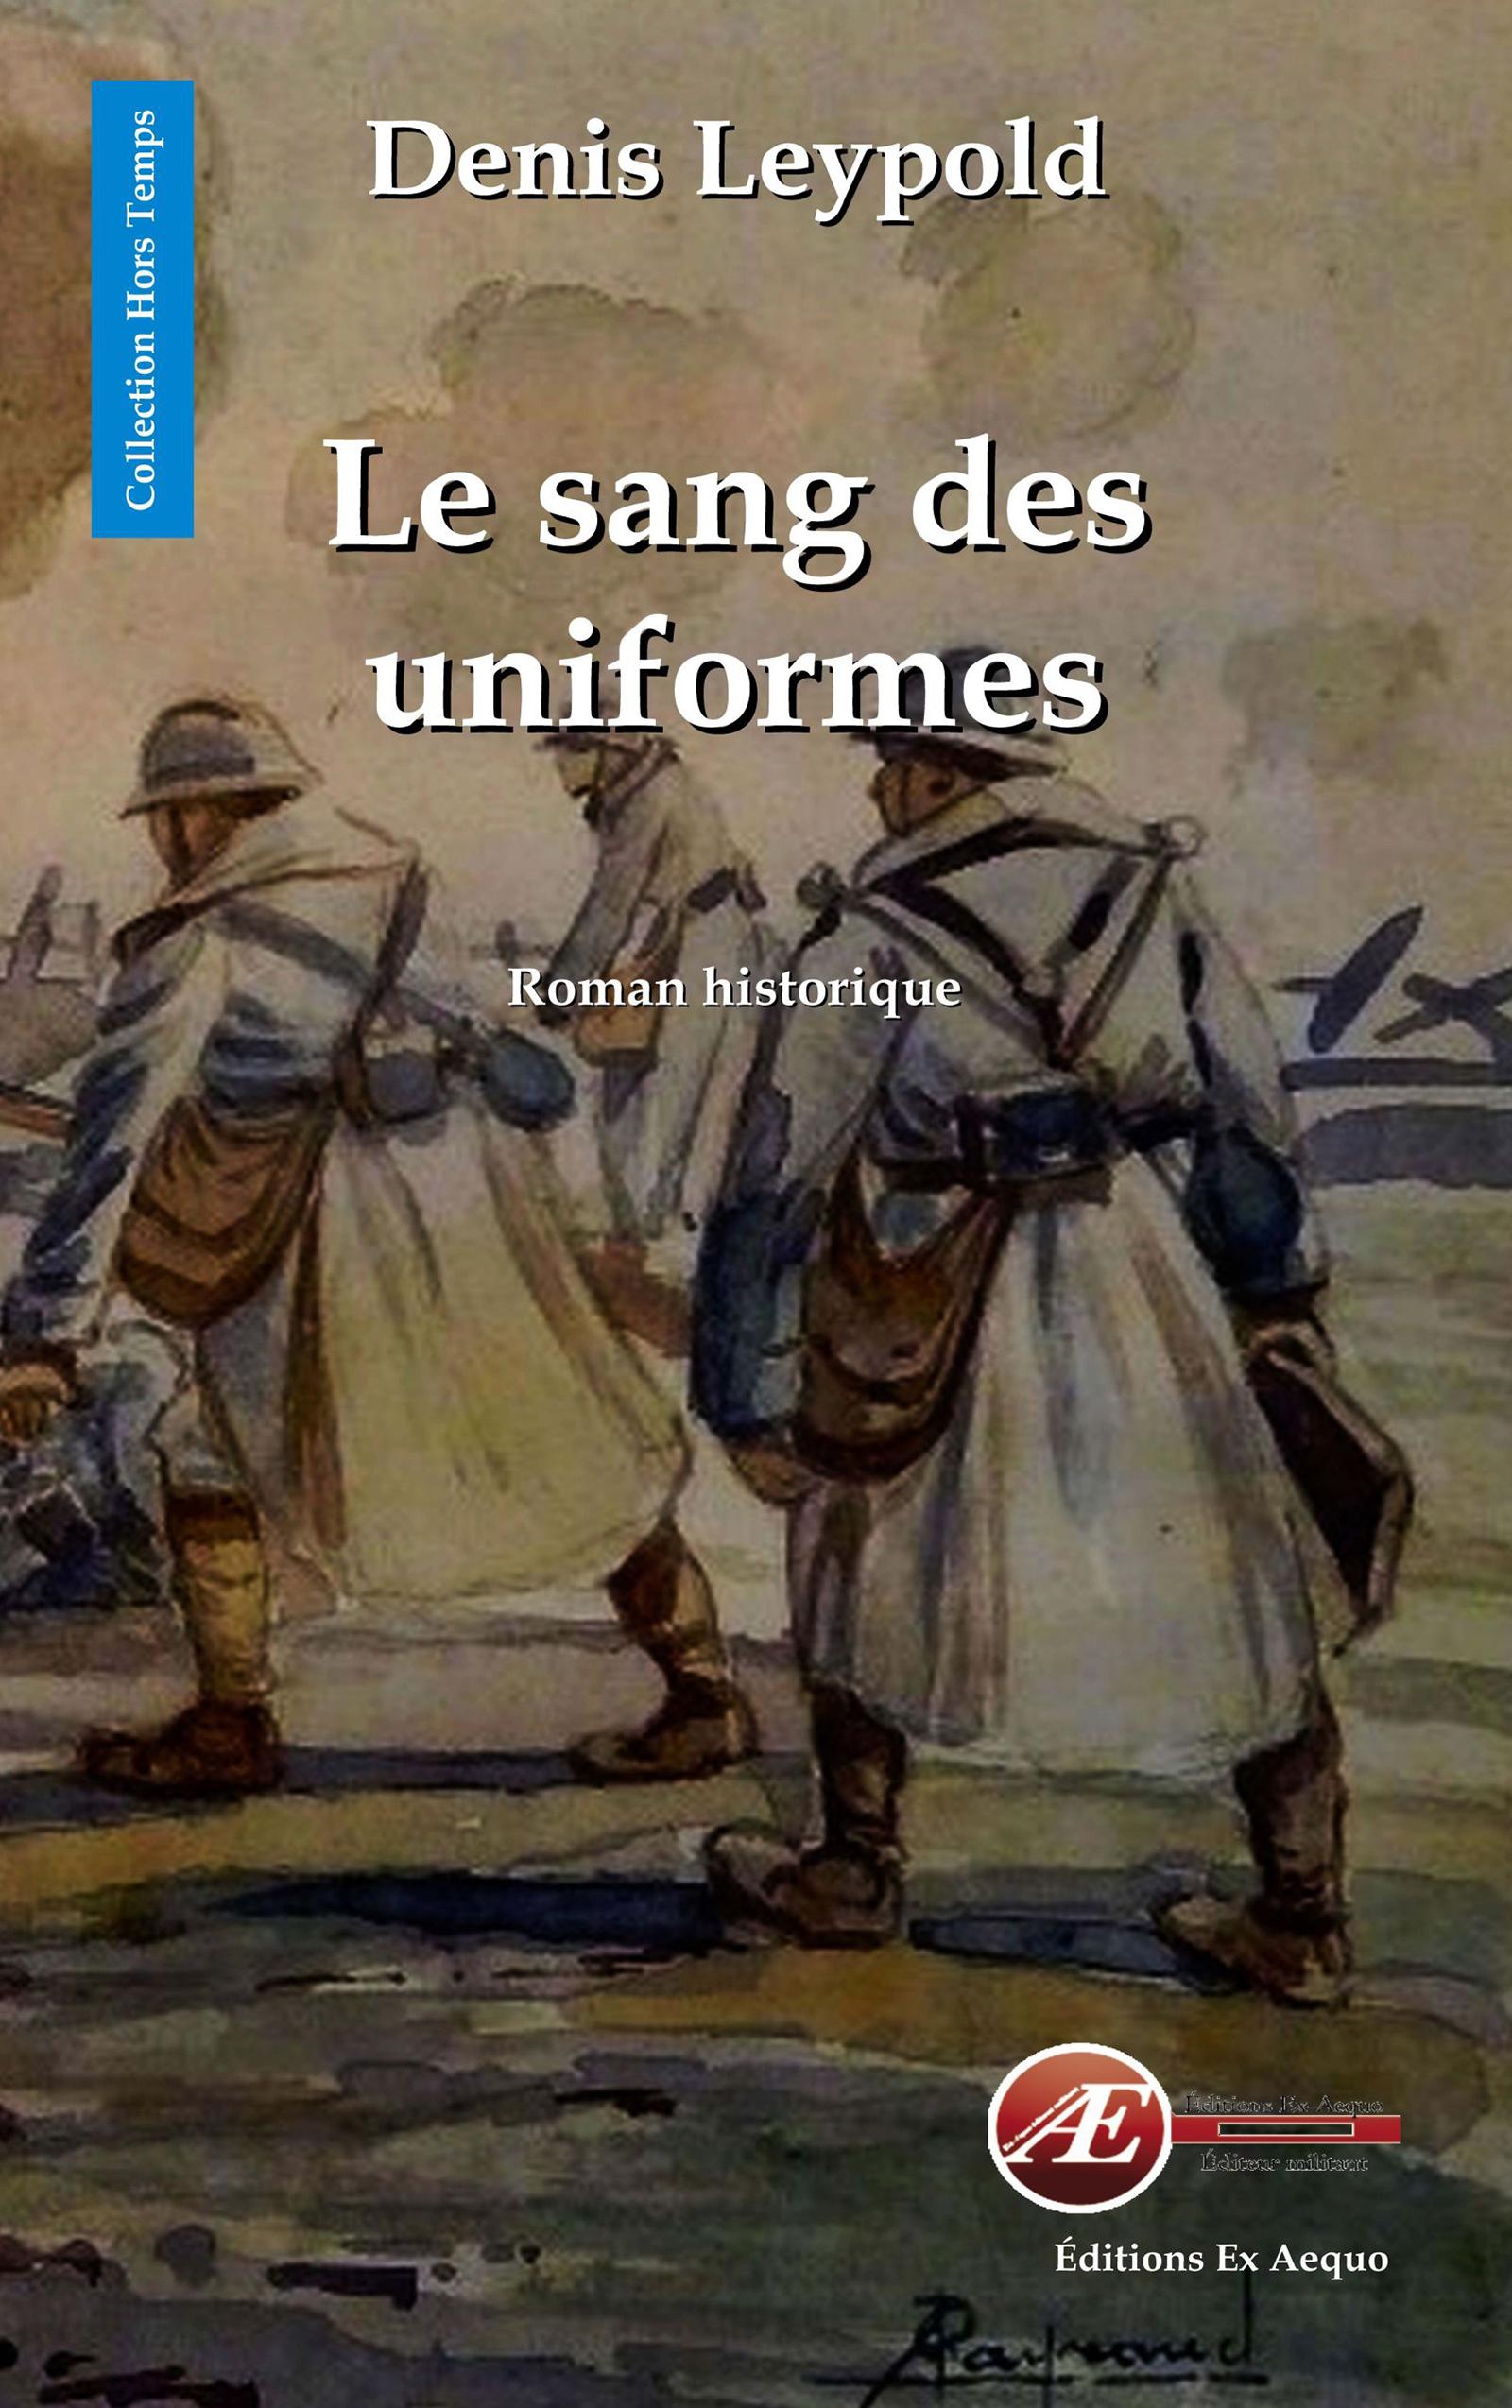 Le sang des uniformes